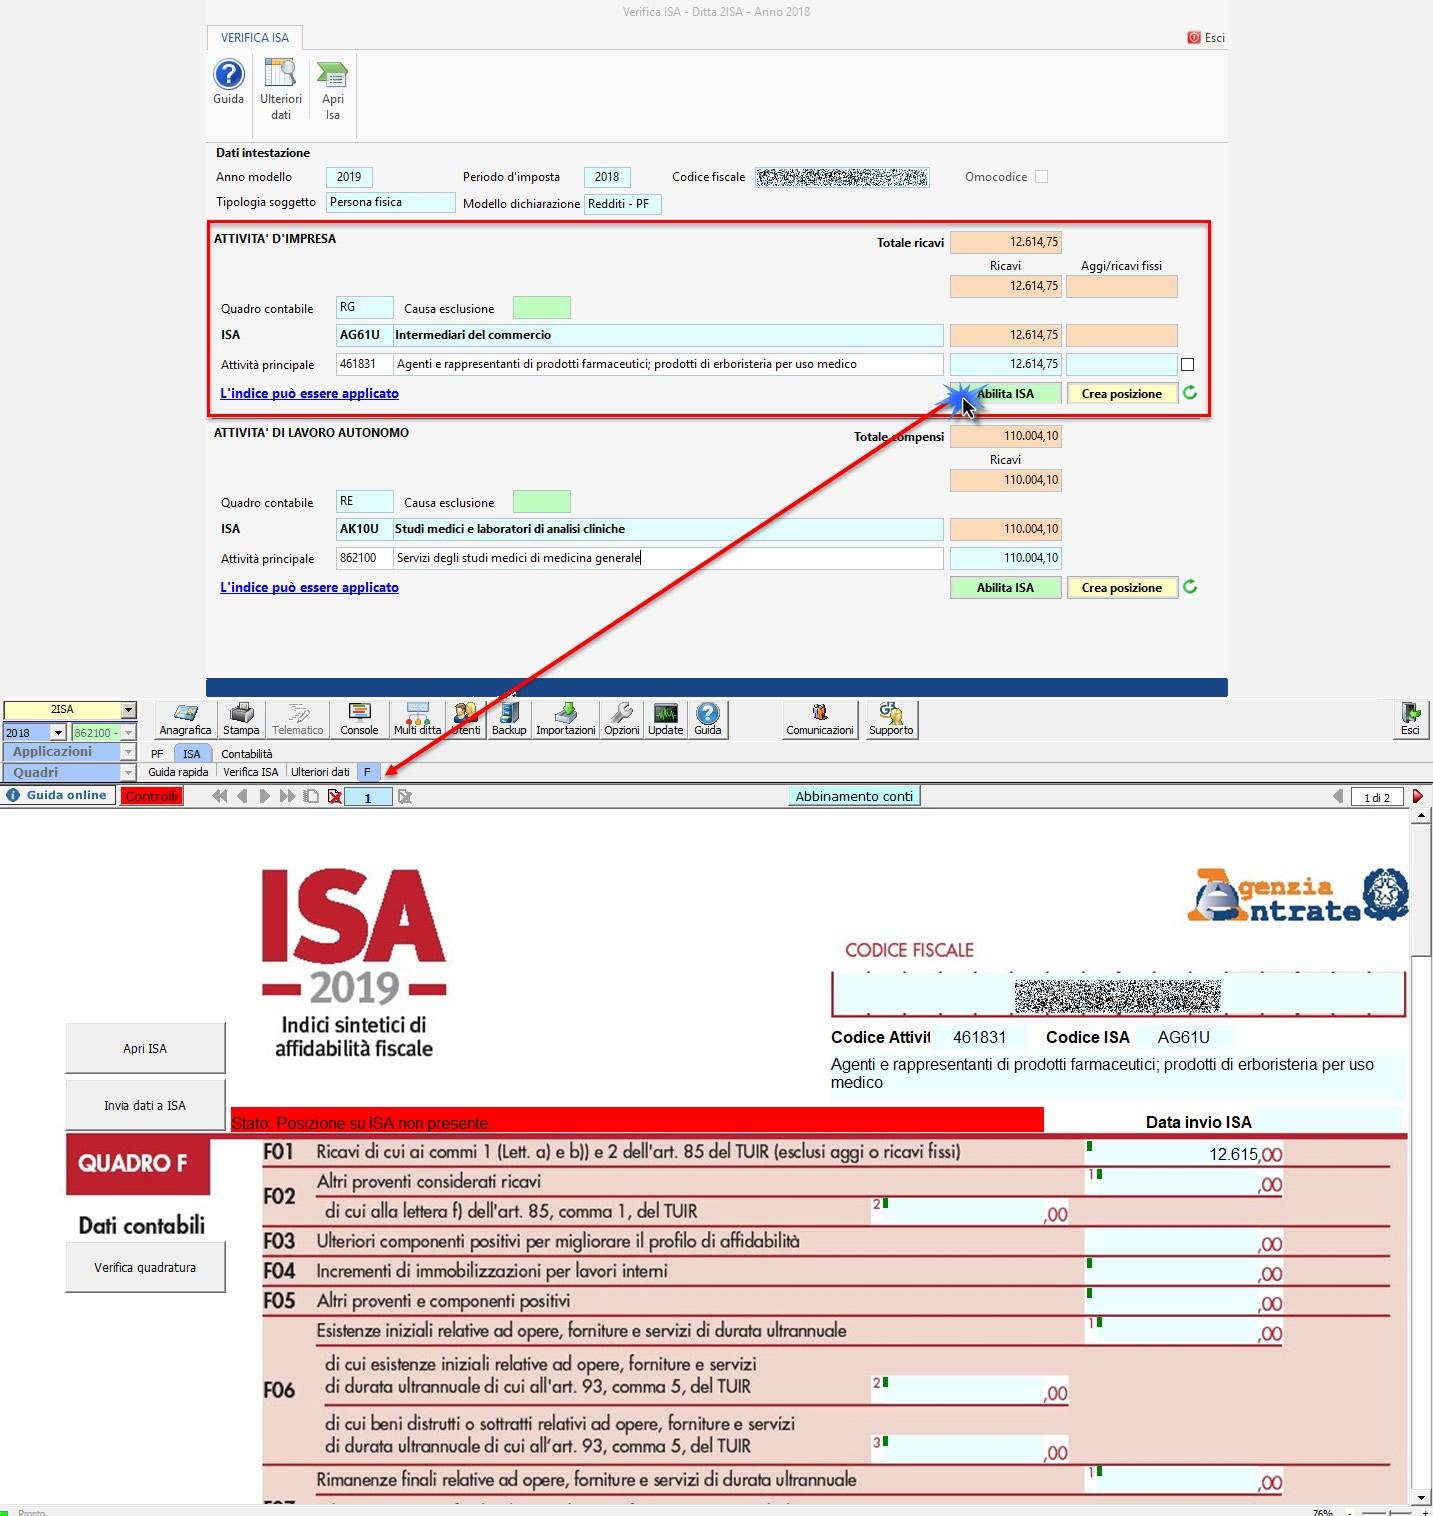 ISA 2019: gestione di due Indici di affidabilità fiscale - 2